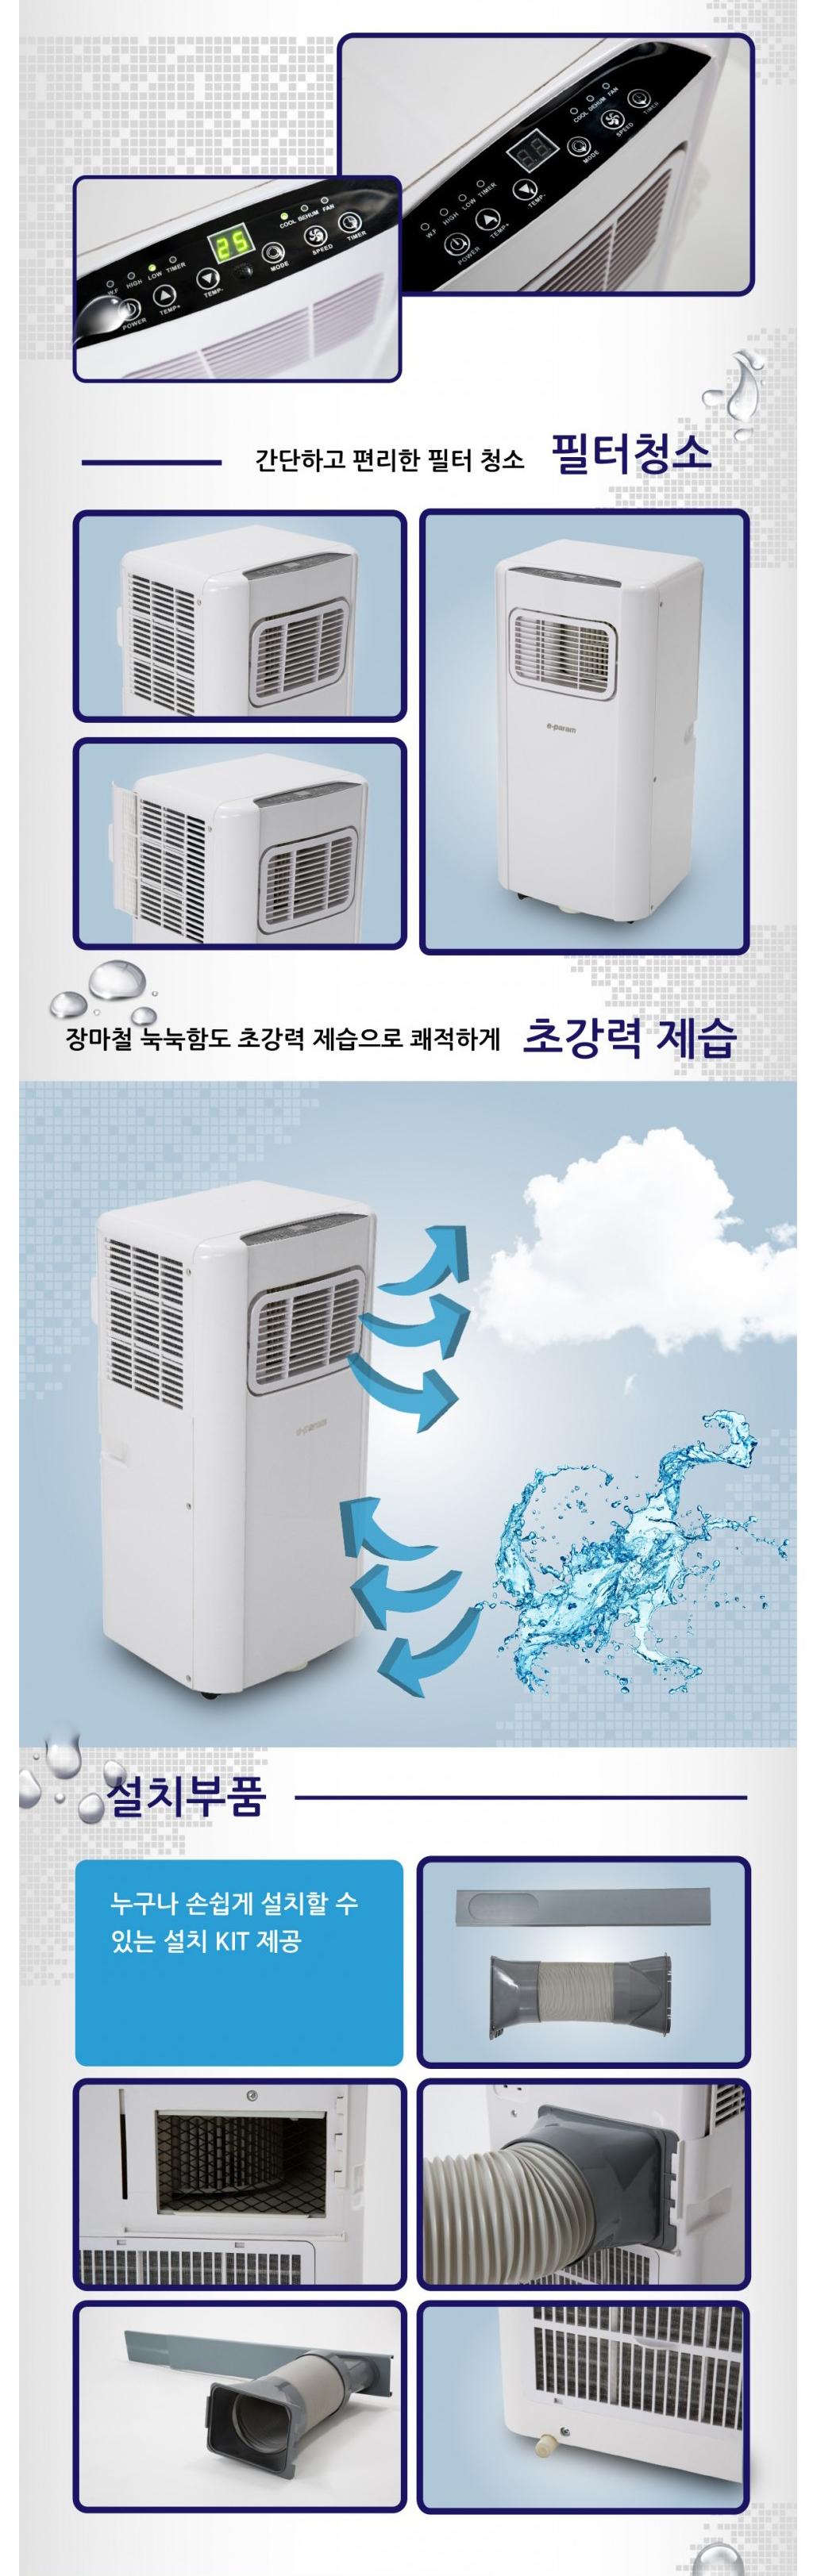 (주)파람 이동식 에어컨 PA-MD25000 2